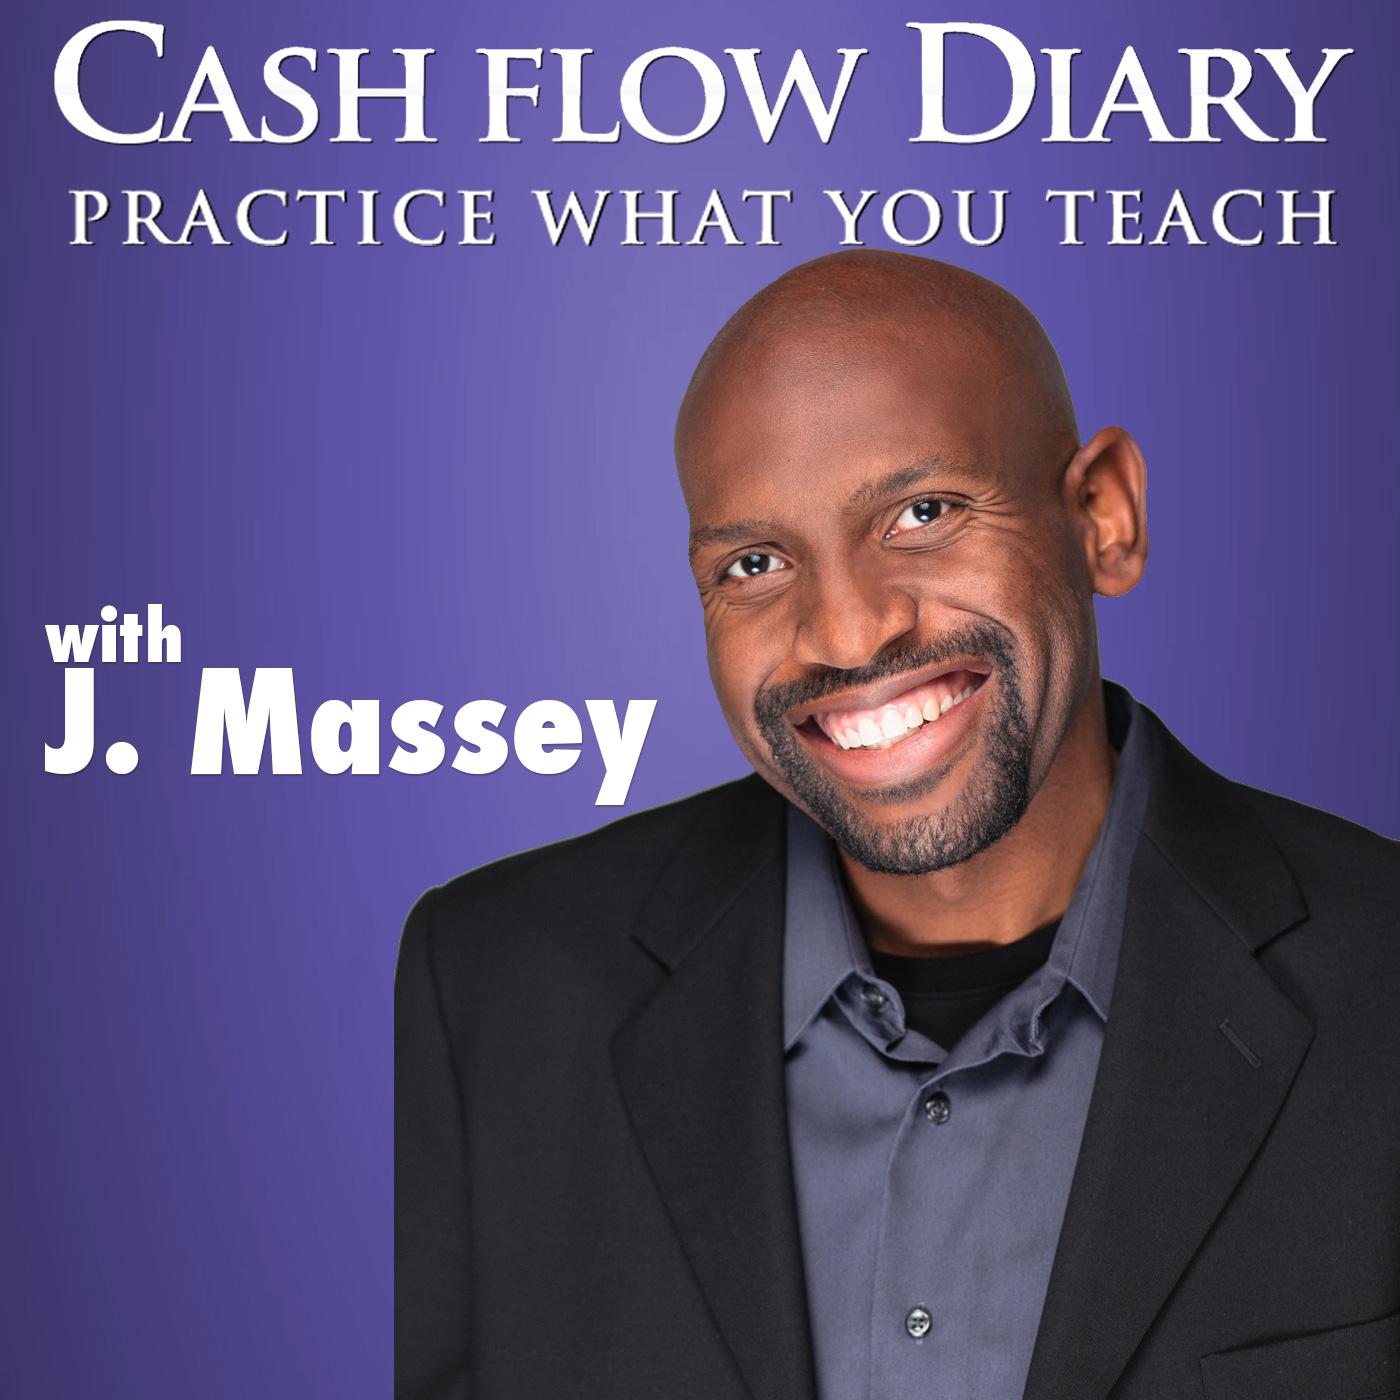 Cashflow Diary